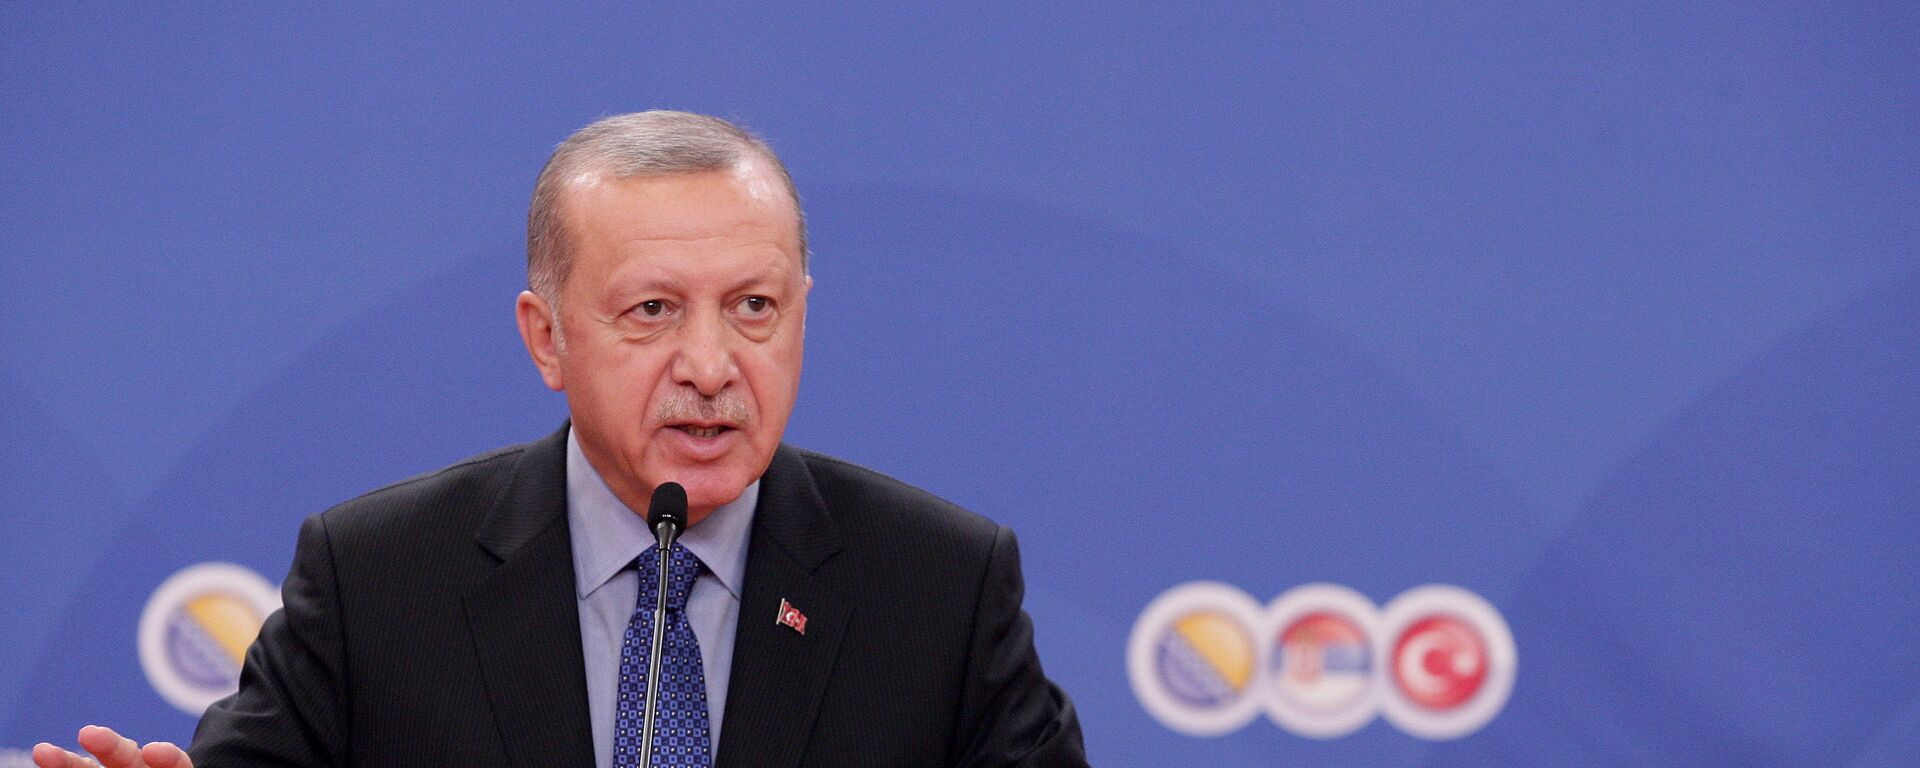 Redžep Tajip Erdogana na konferenciji za novinare posle Trilateralnog sastanka - Sputnik Srbija, 1920, 26.09.2021